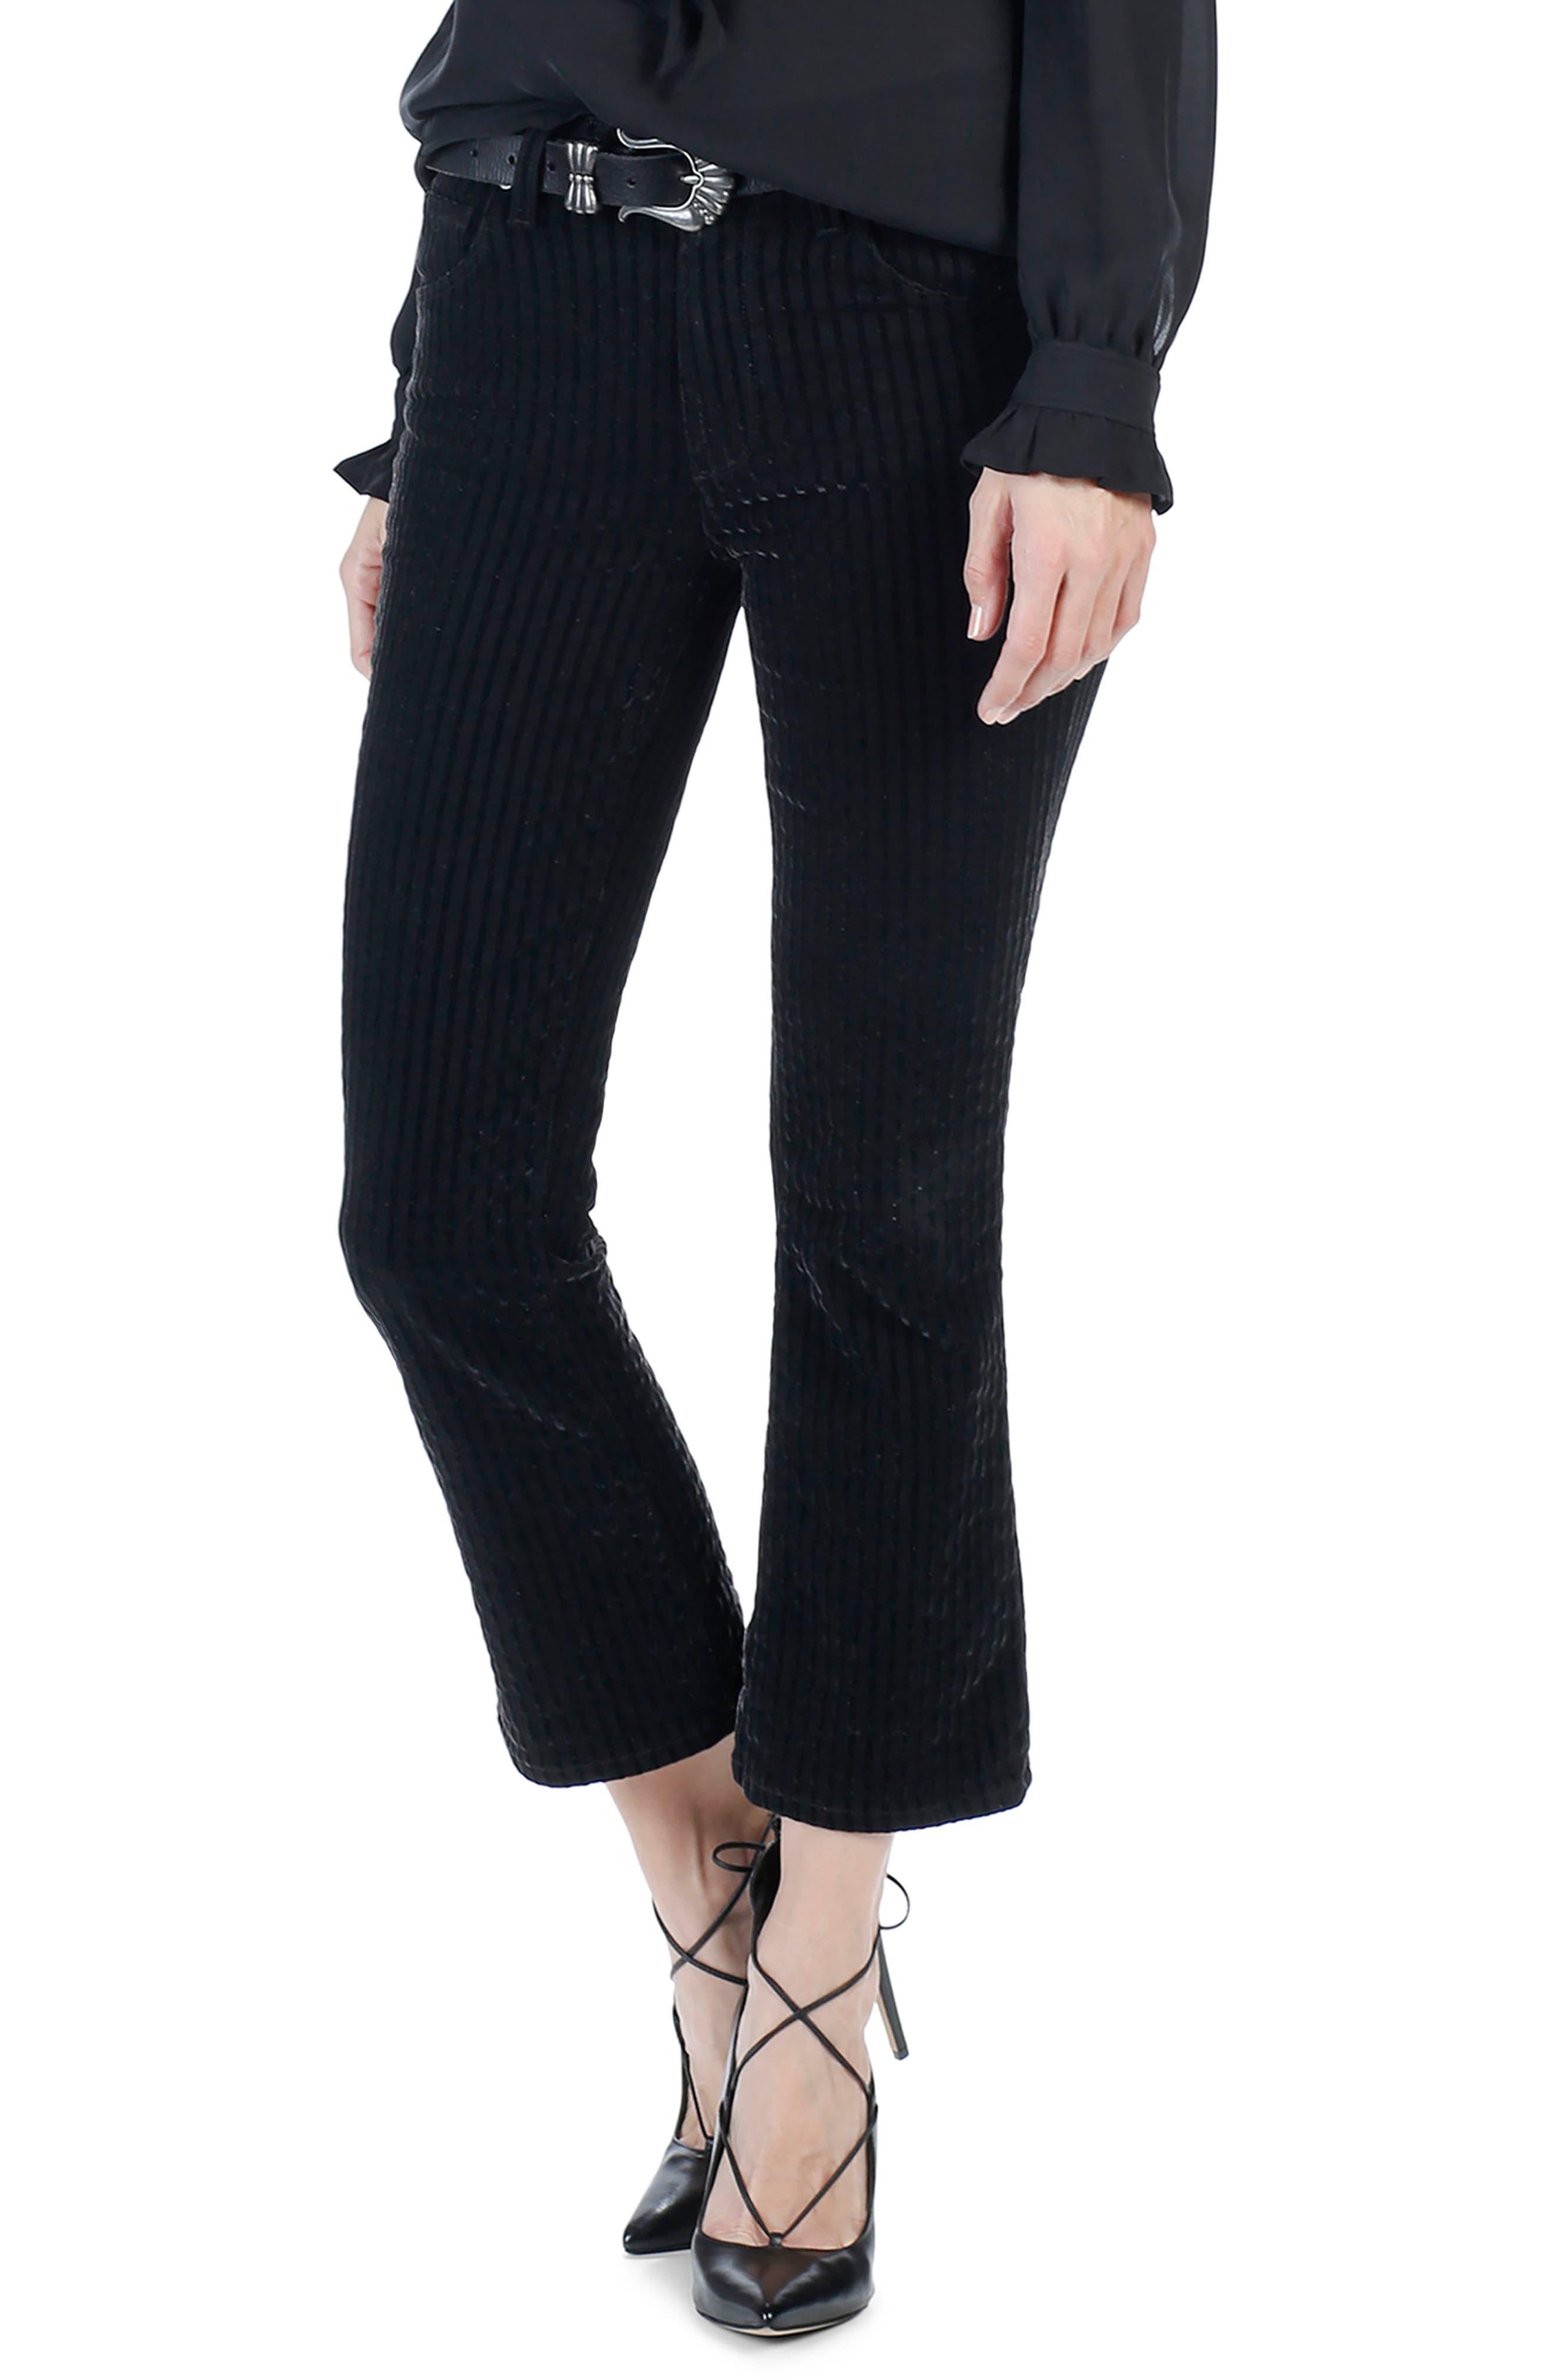 Colette High Waist Crop Flare Velvet Pants,                             Main thumbnail 1, color,                             001